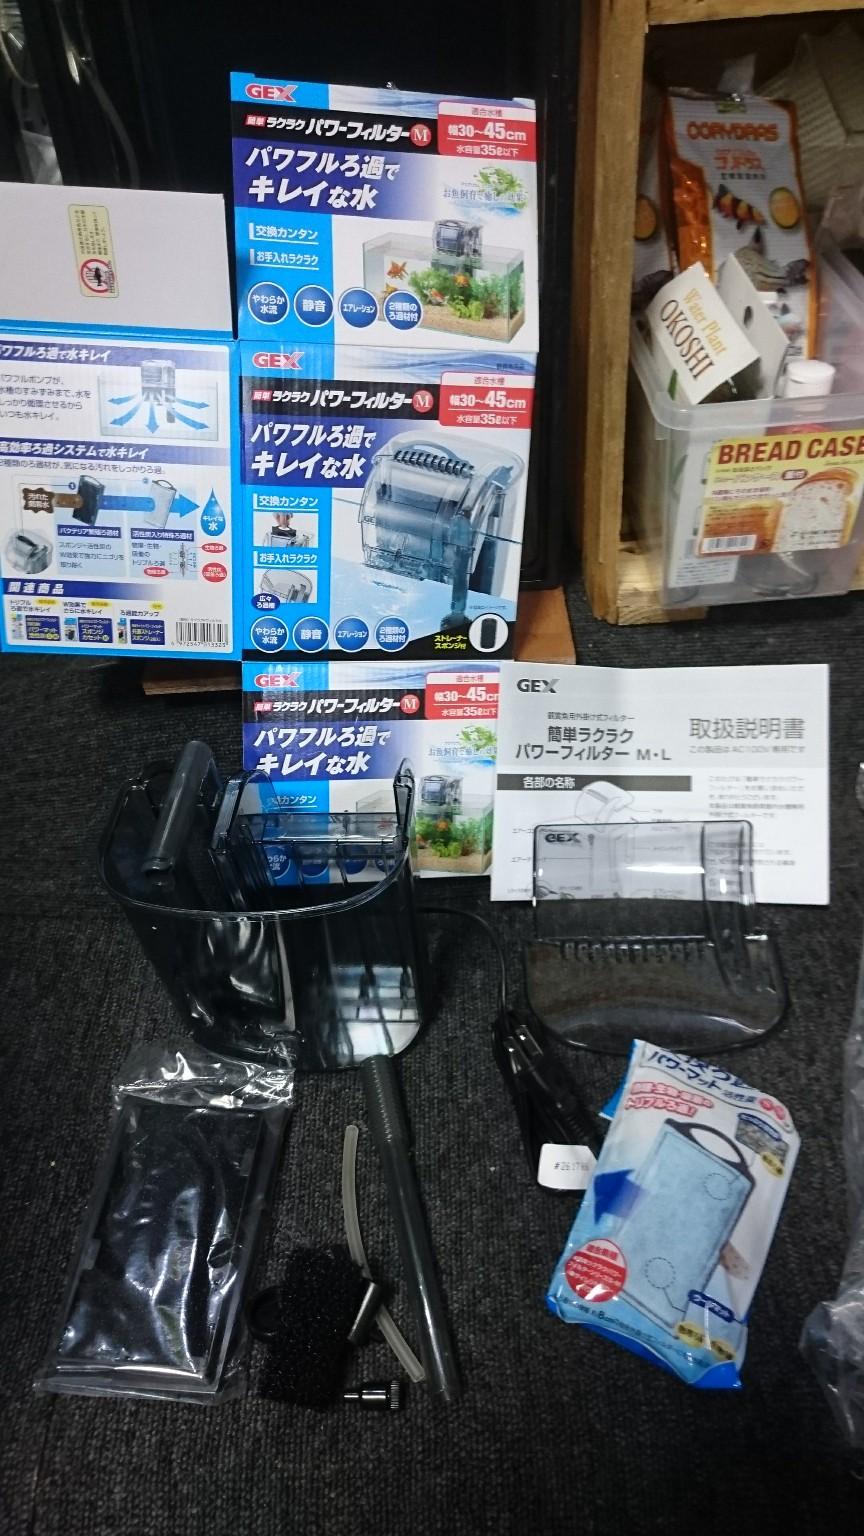 DSC_2561-864x1536.jpg